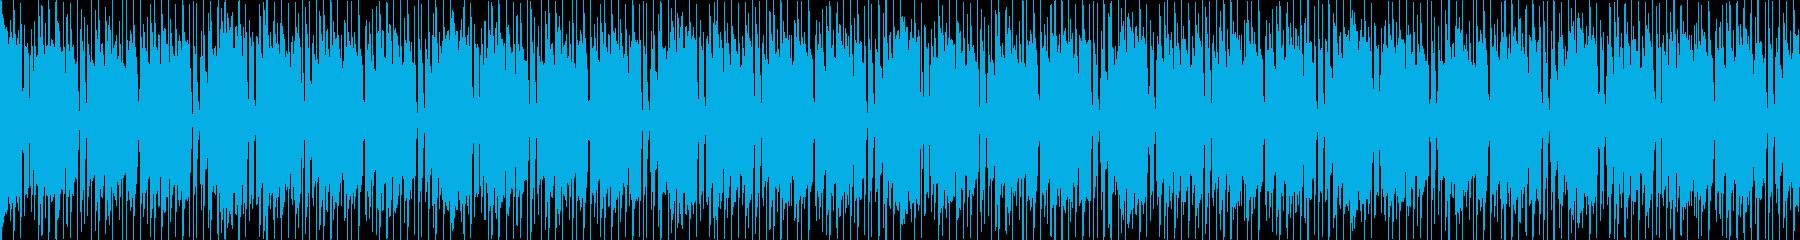 ループ、ウッドベース、明るく軽快、2の再生済みの波形